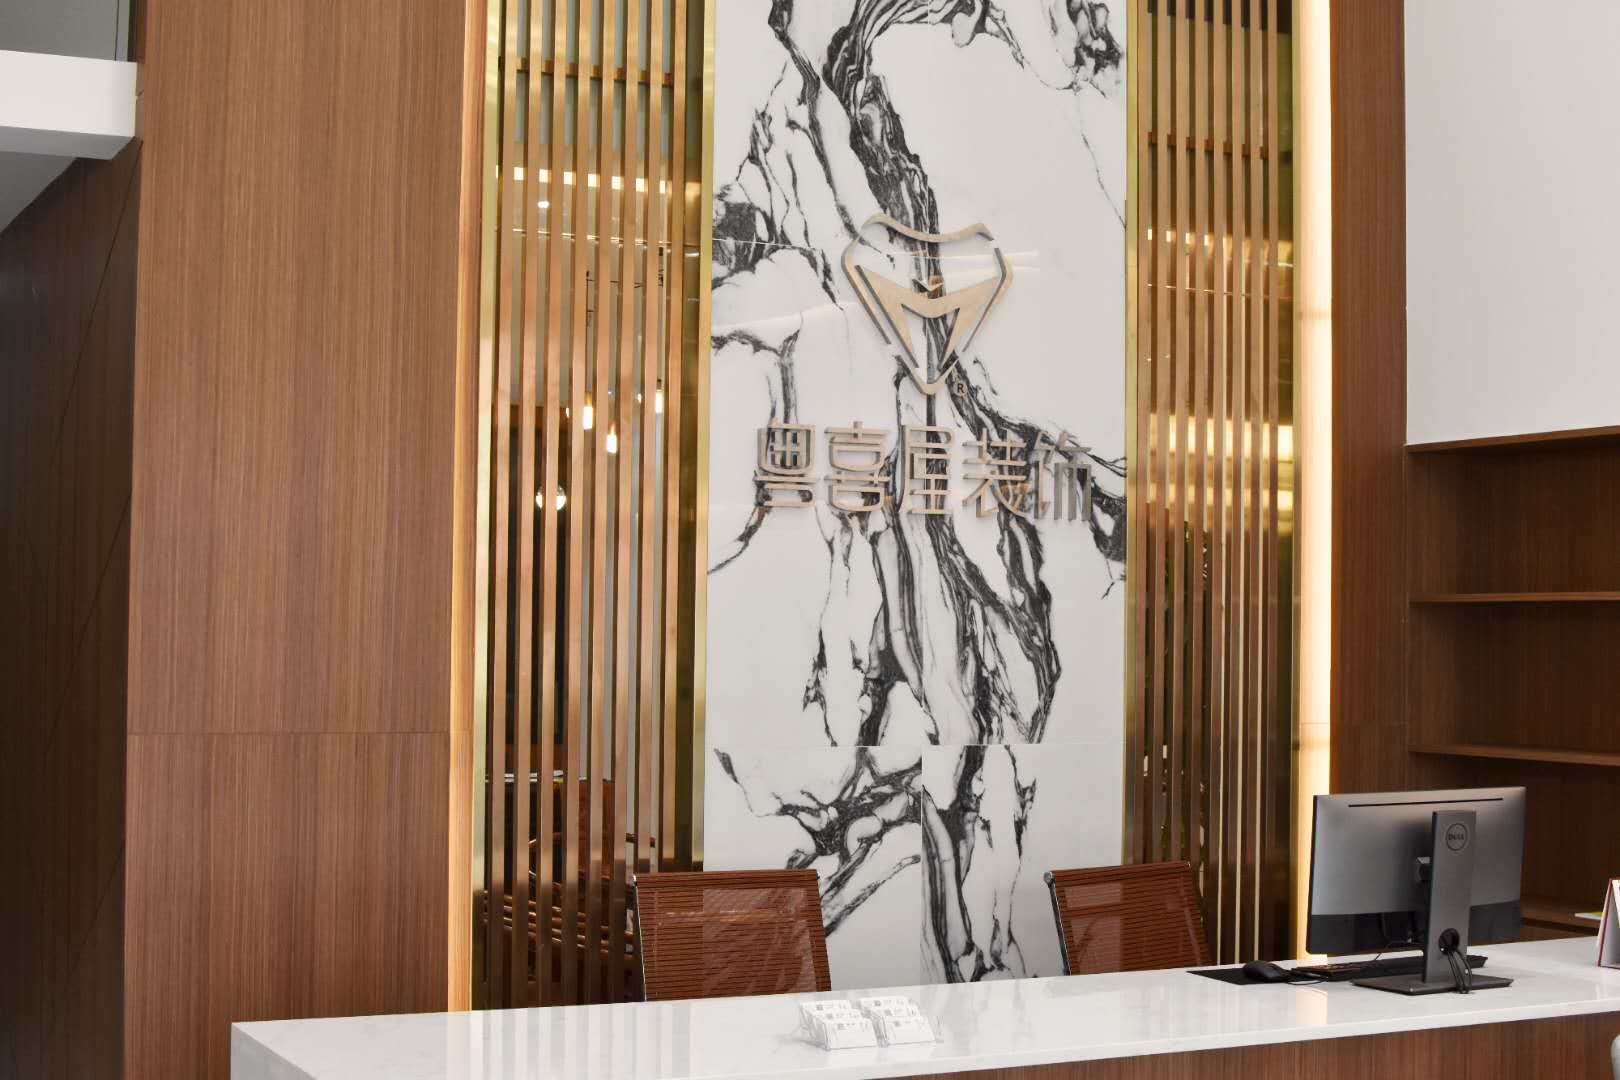 中山市粤喜屋装饰工程有限责任公司(20190110)_才通国际人才网_job001.cn